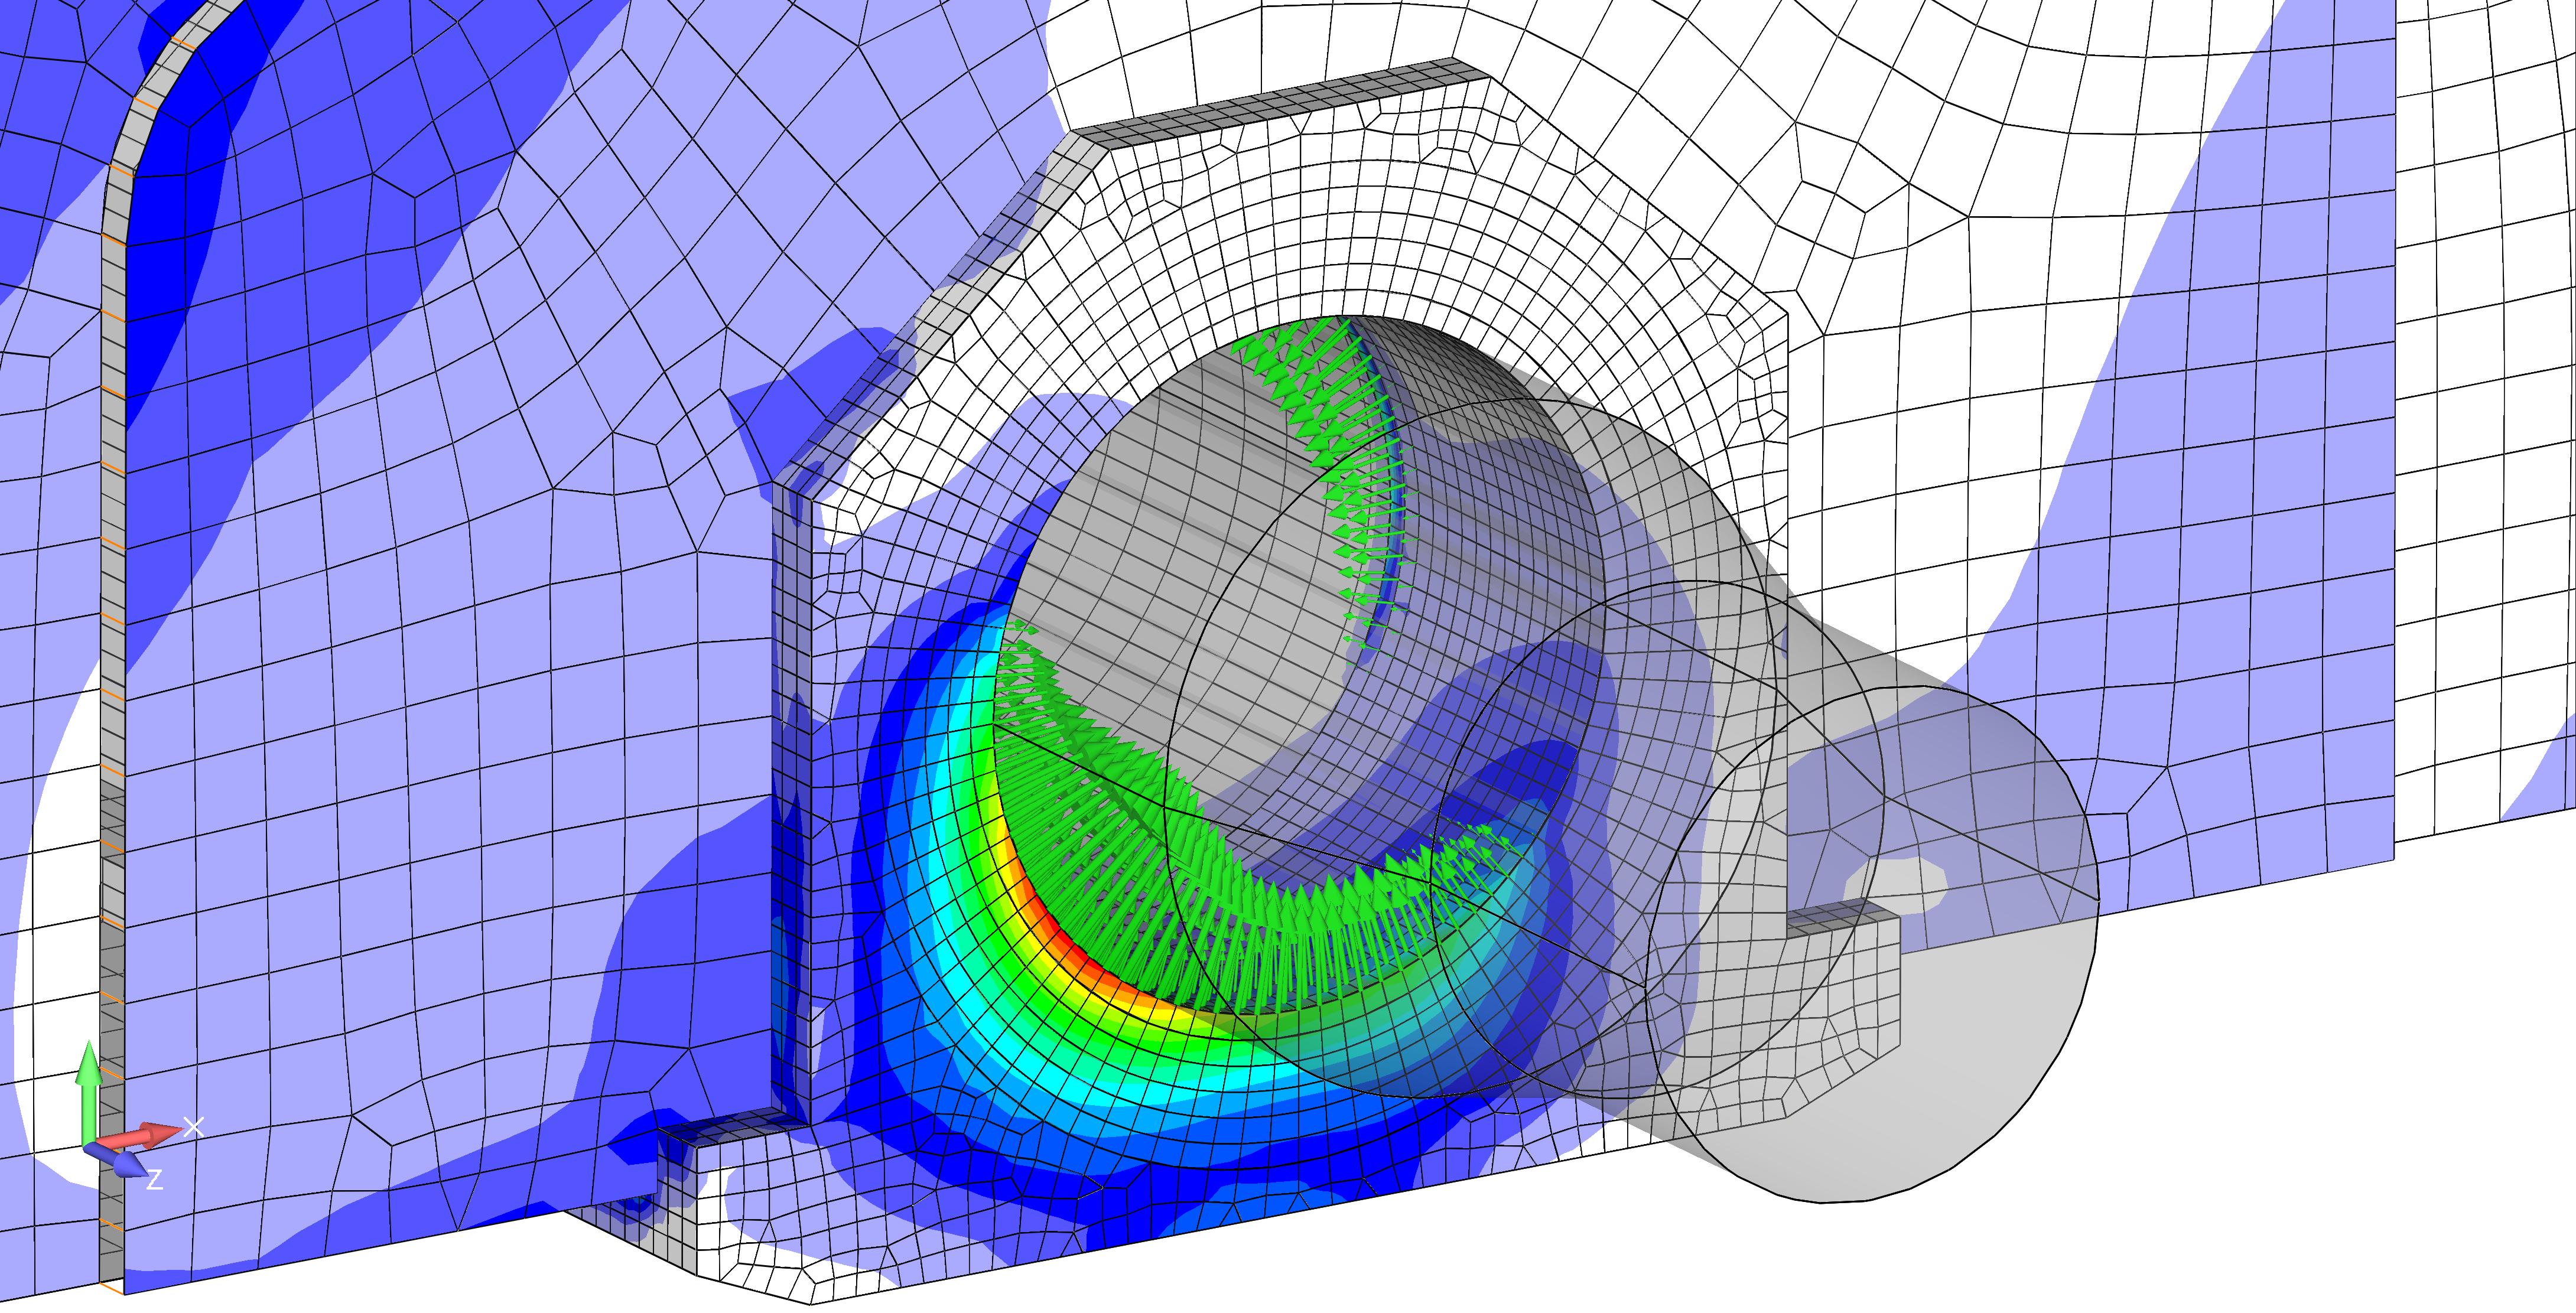 Визуализация контактных узловых сил с помощью панели инструментов Freebody